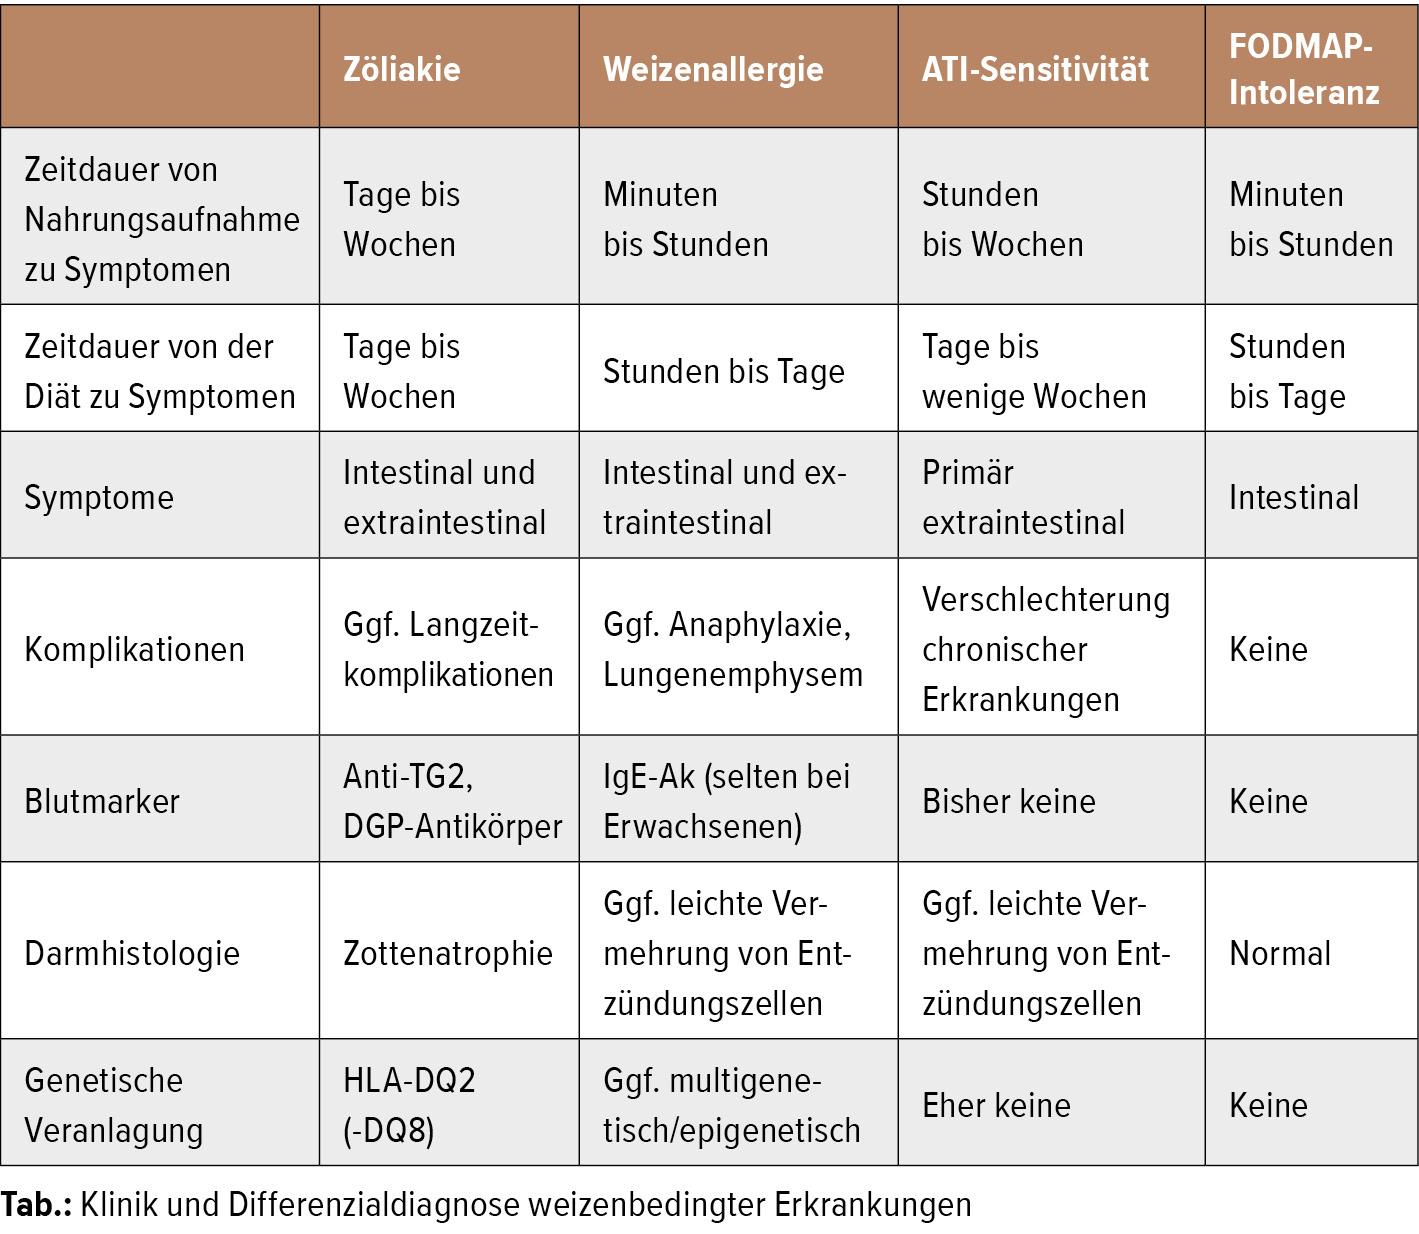 Weizensensitivitäten: Zöliakie, Weizenallergie, ATI-Sensitivität -  Gastroenterologie - Universimed - Medizin im Fokus